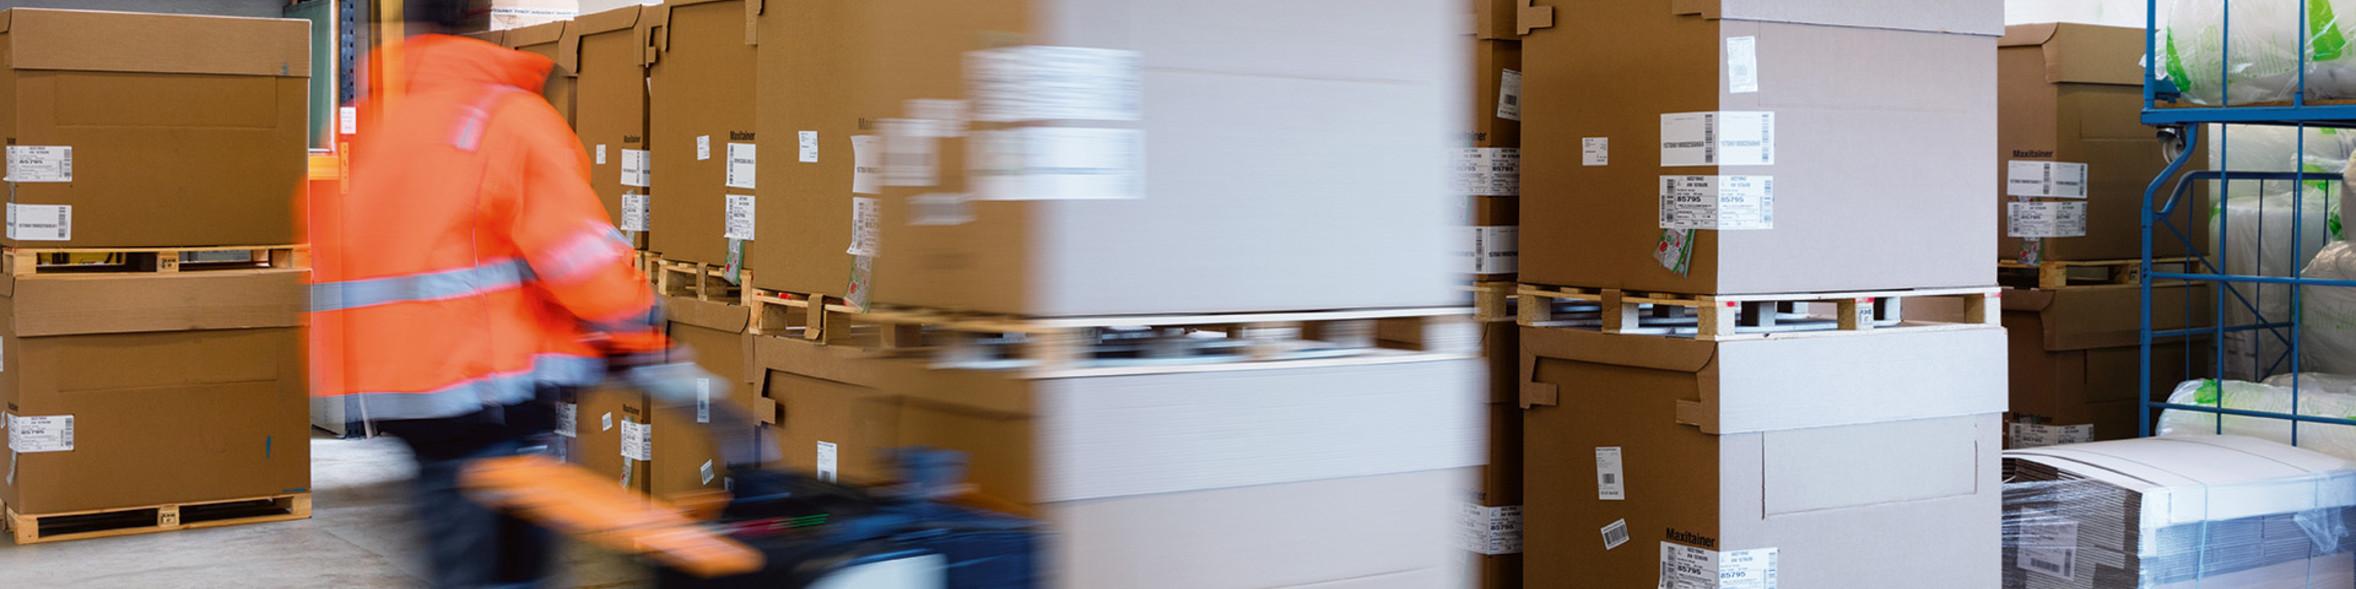 Meier Verpackungen, News, Produktneuheiten, Aktuelles